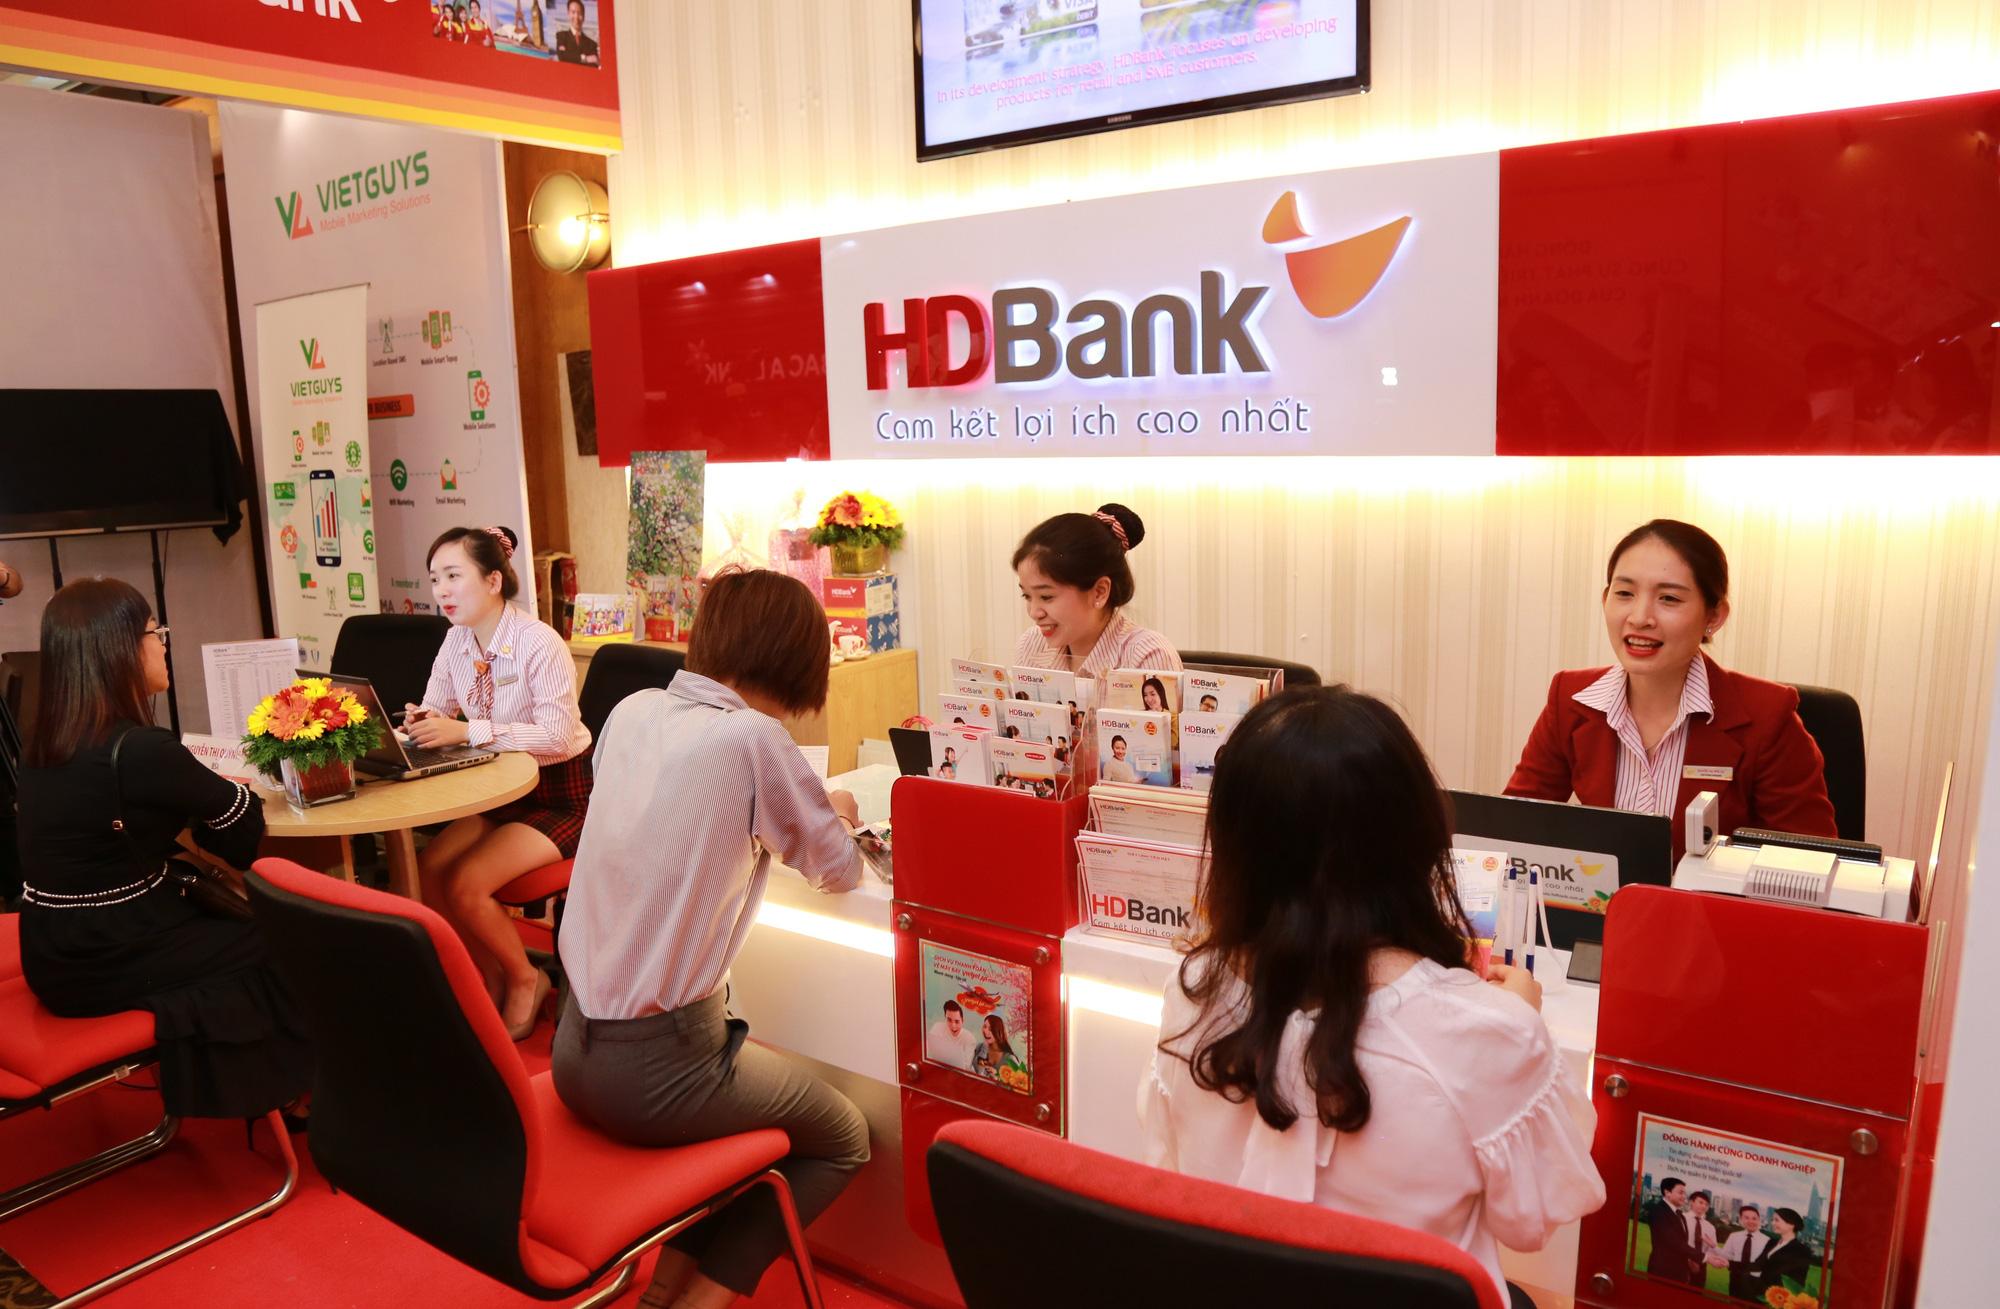 HDBank muốn phát hành 40 triệu cổ phiếu ESOP tăng vốn điều lệ - Ảnh 1.